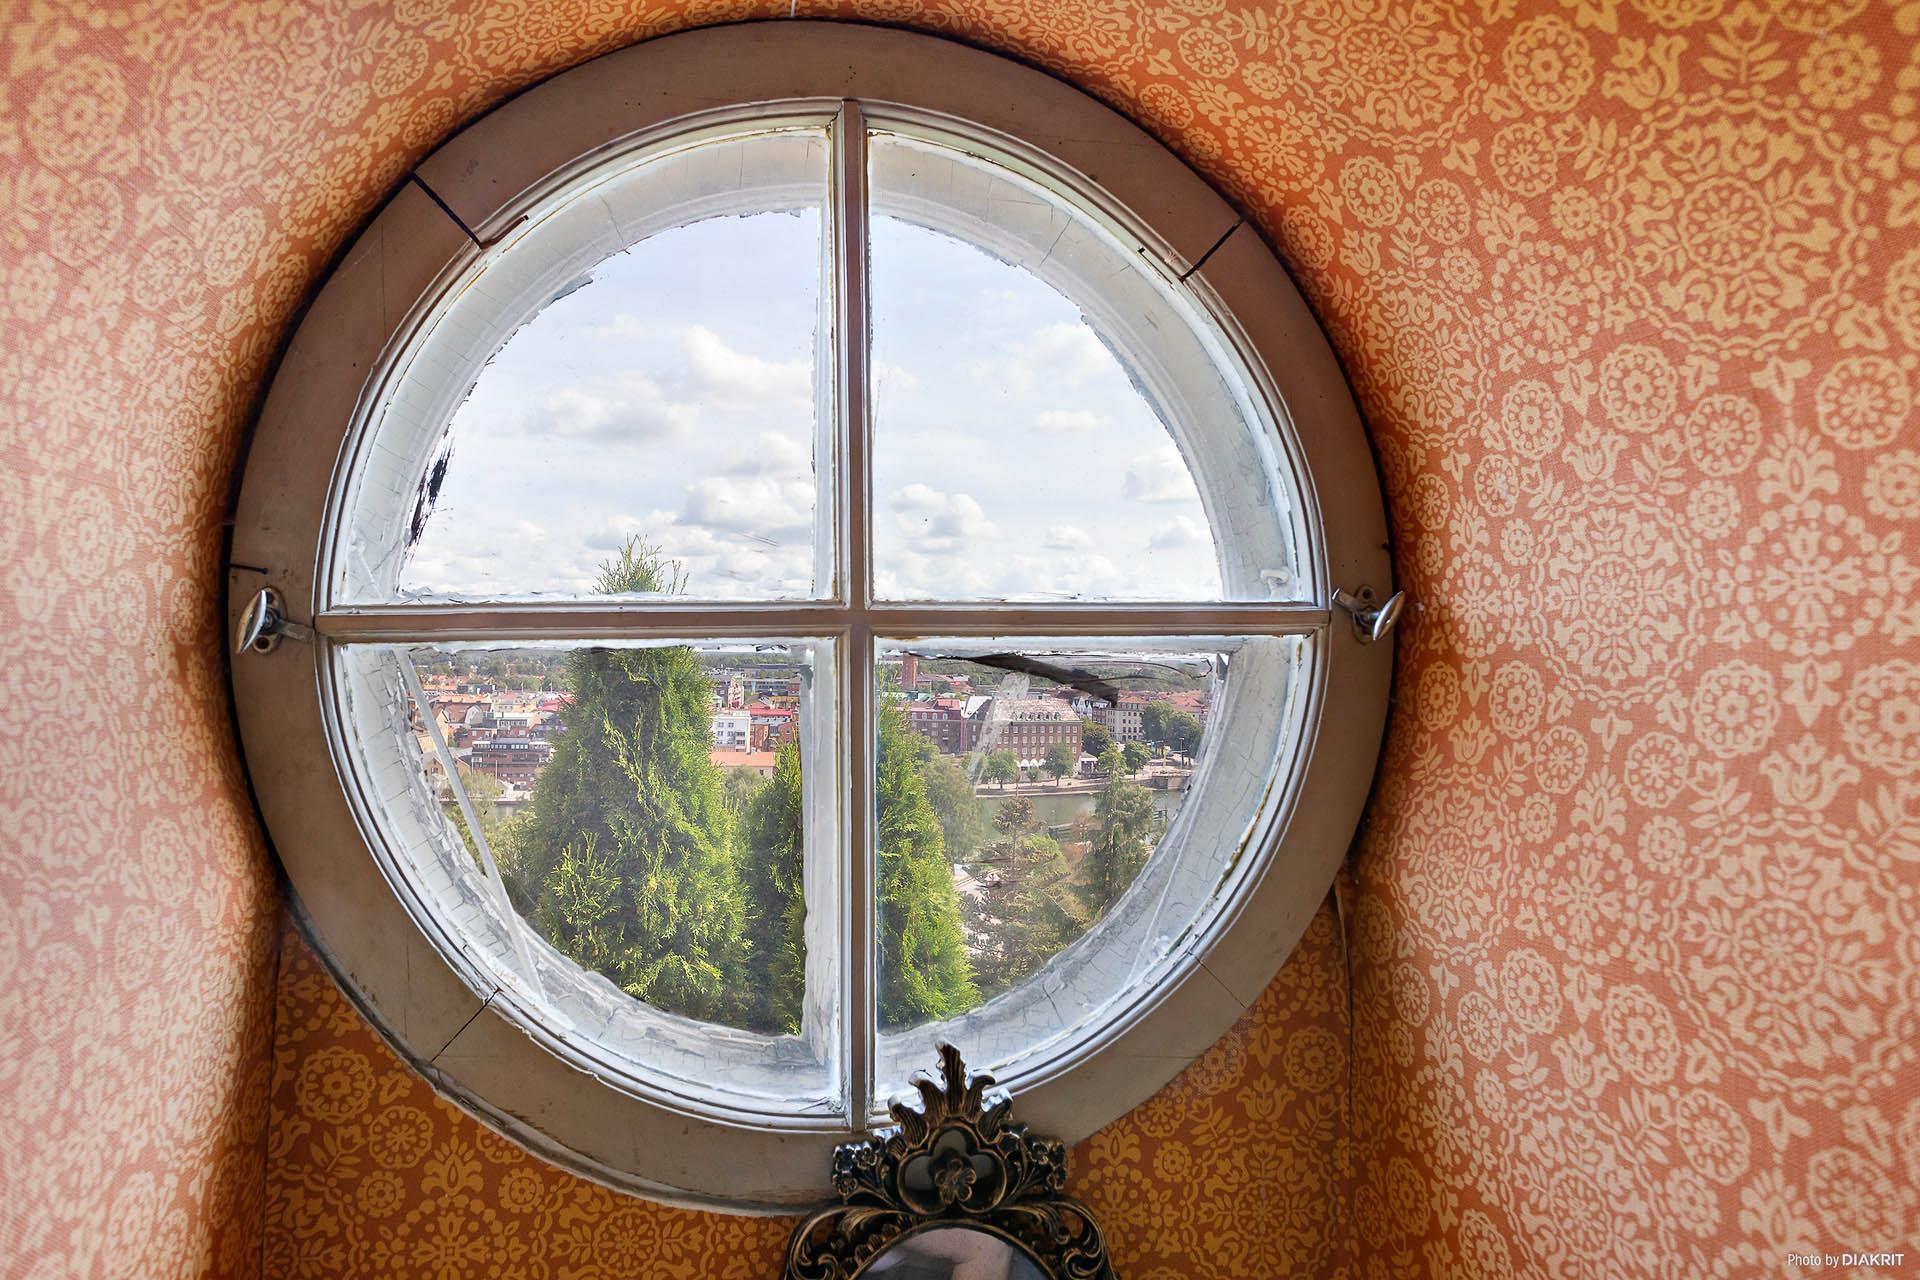 Badrumsfönster med utsikt